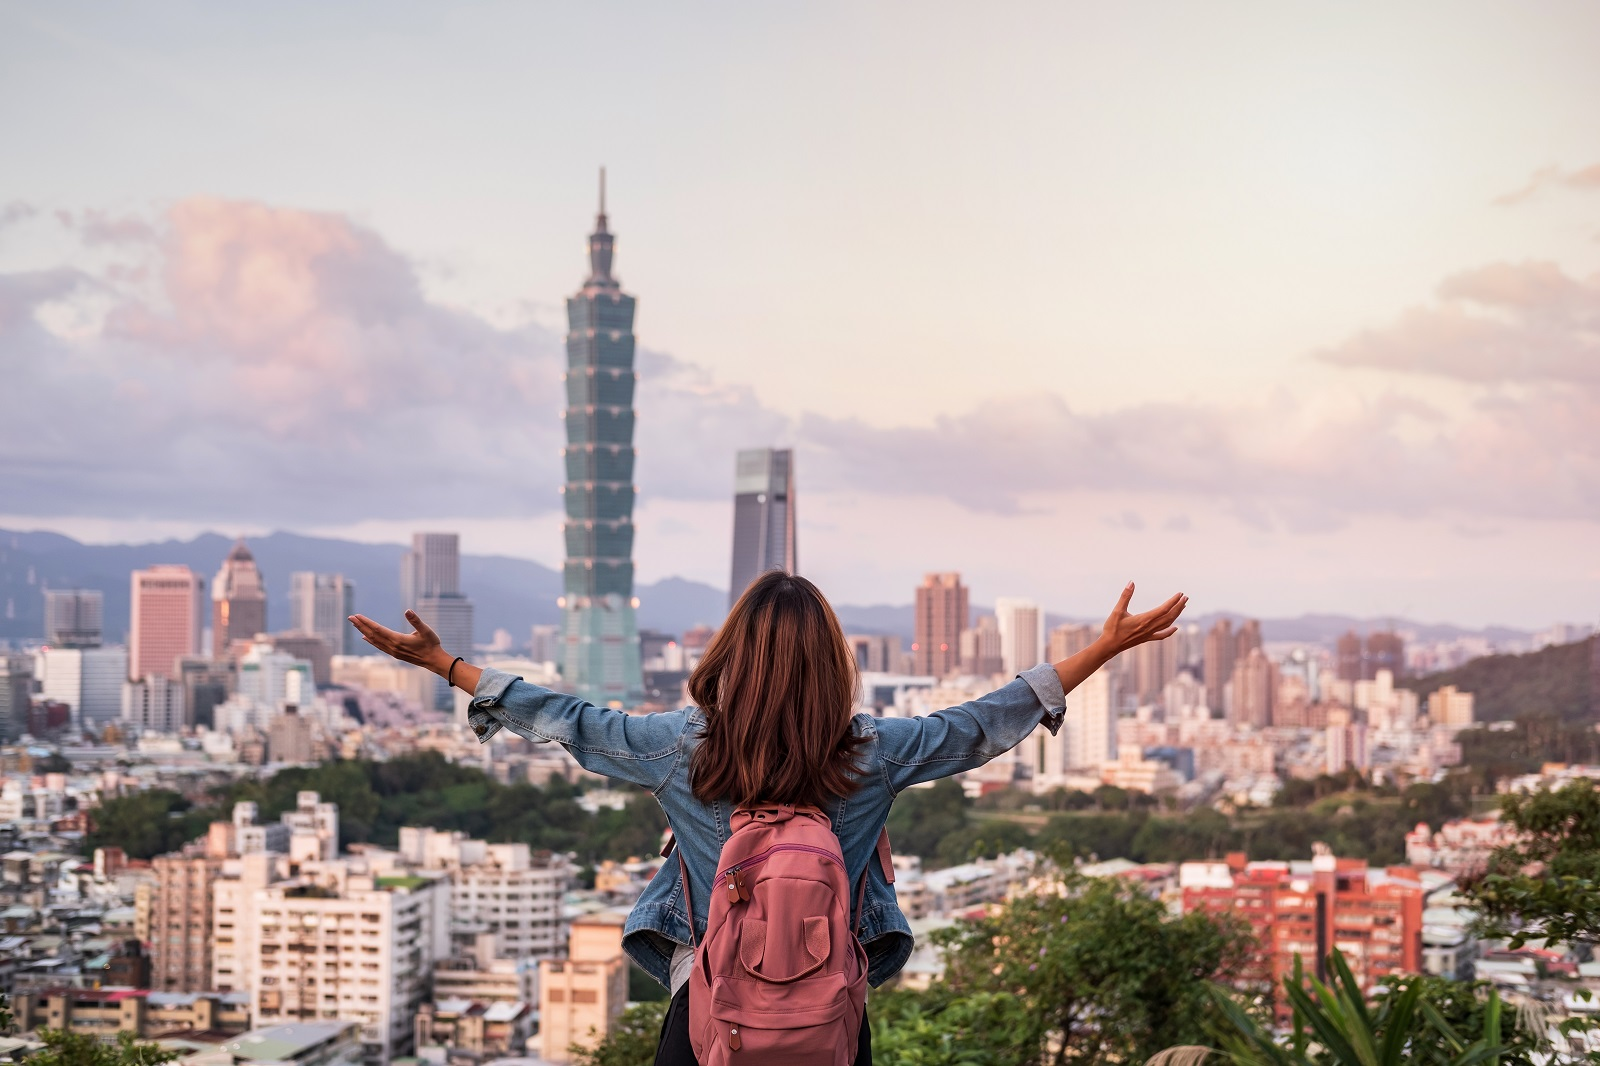 體驗原民生活、媽祖遶境、帶媽媽吃熱炒…這4位外籍YouTuber比你還懂台灣!